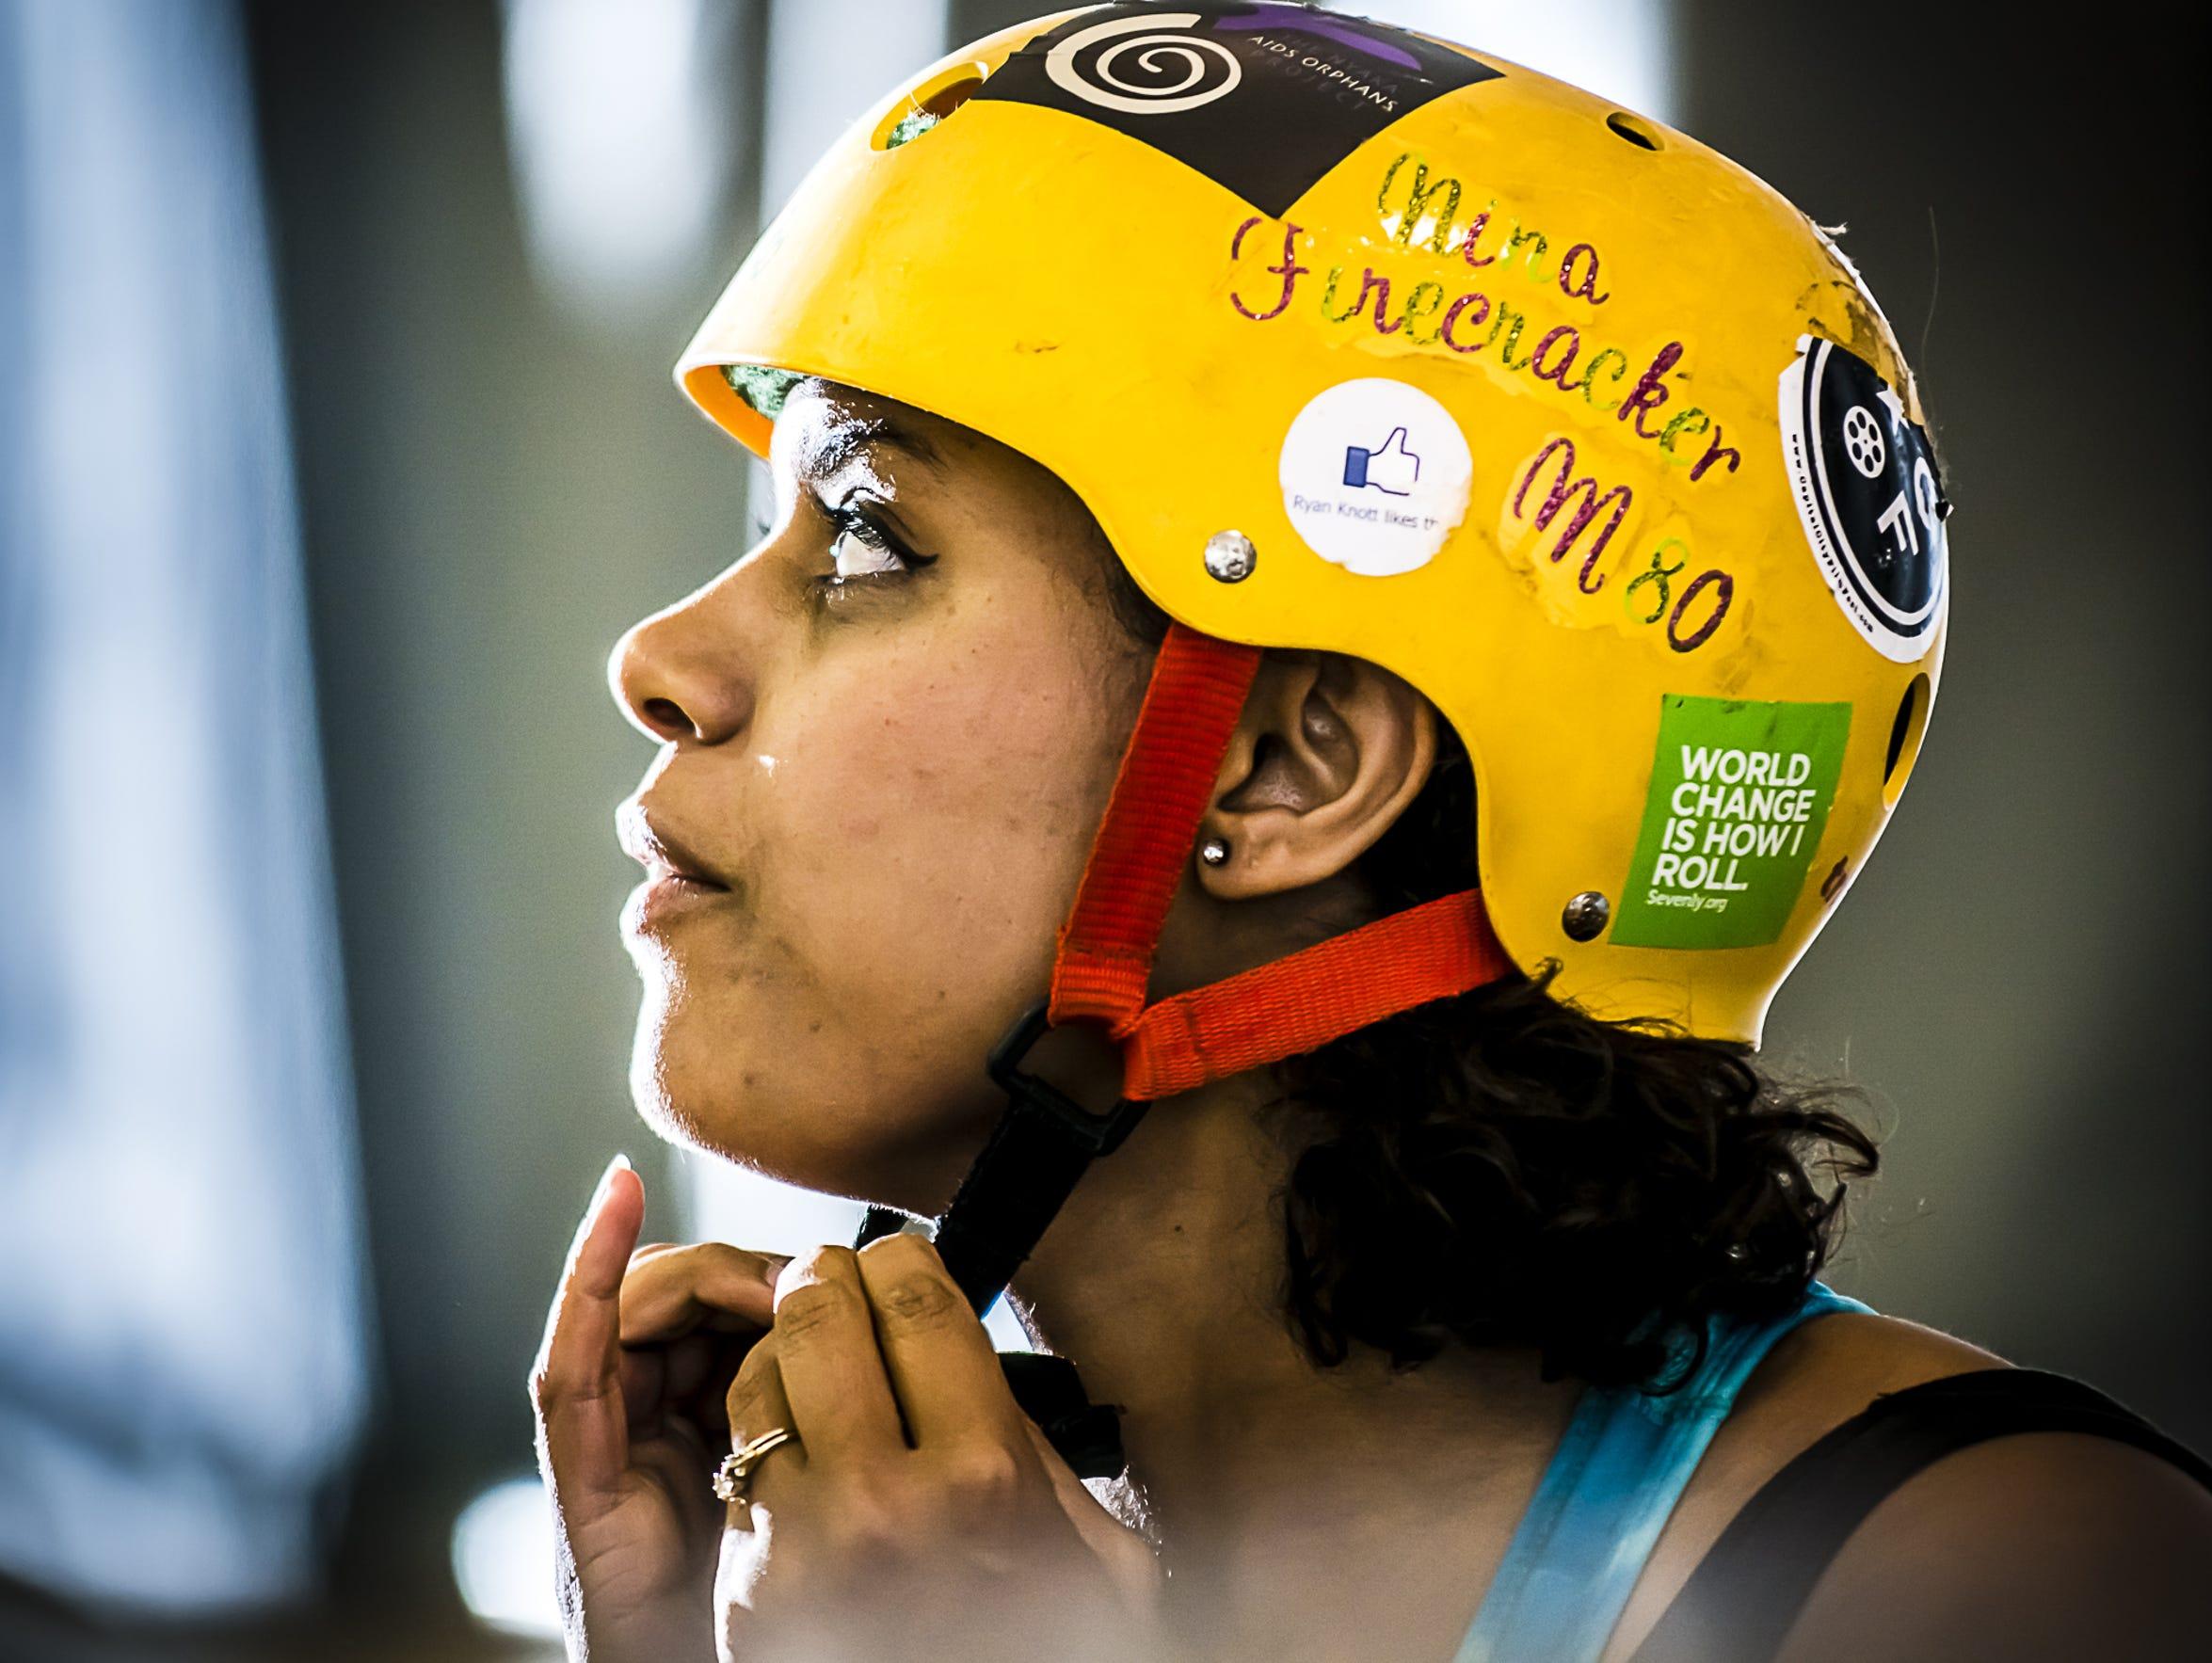 Tashmica Torok dons her helmet